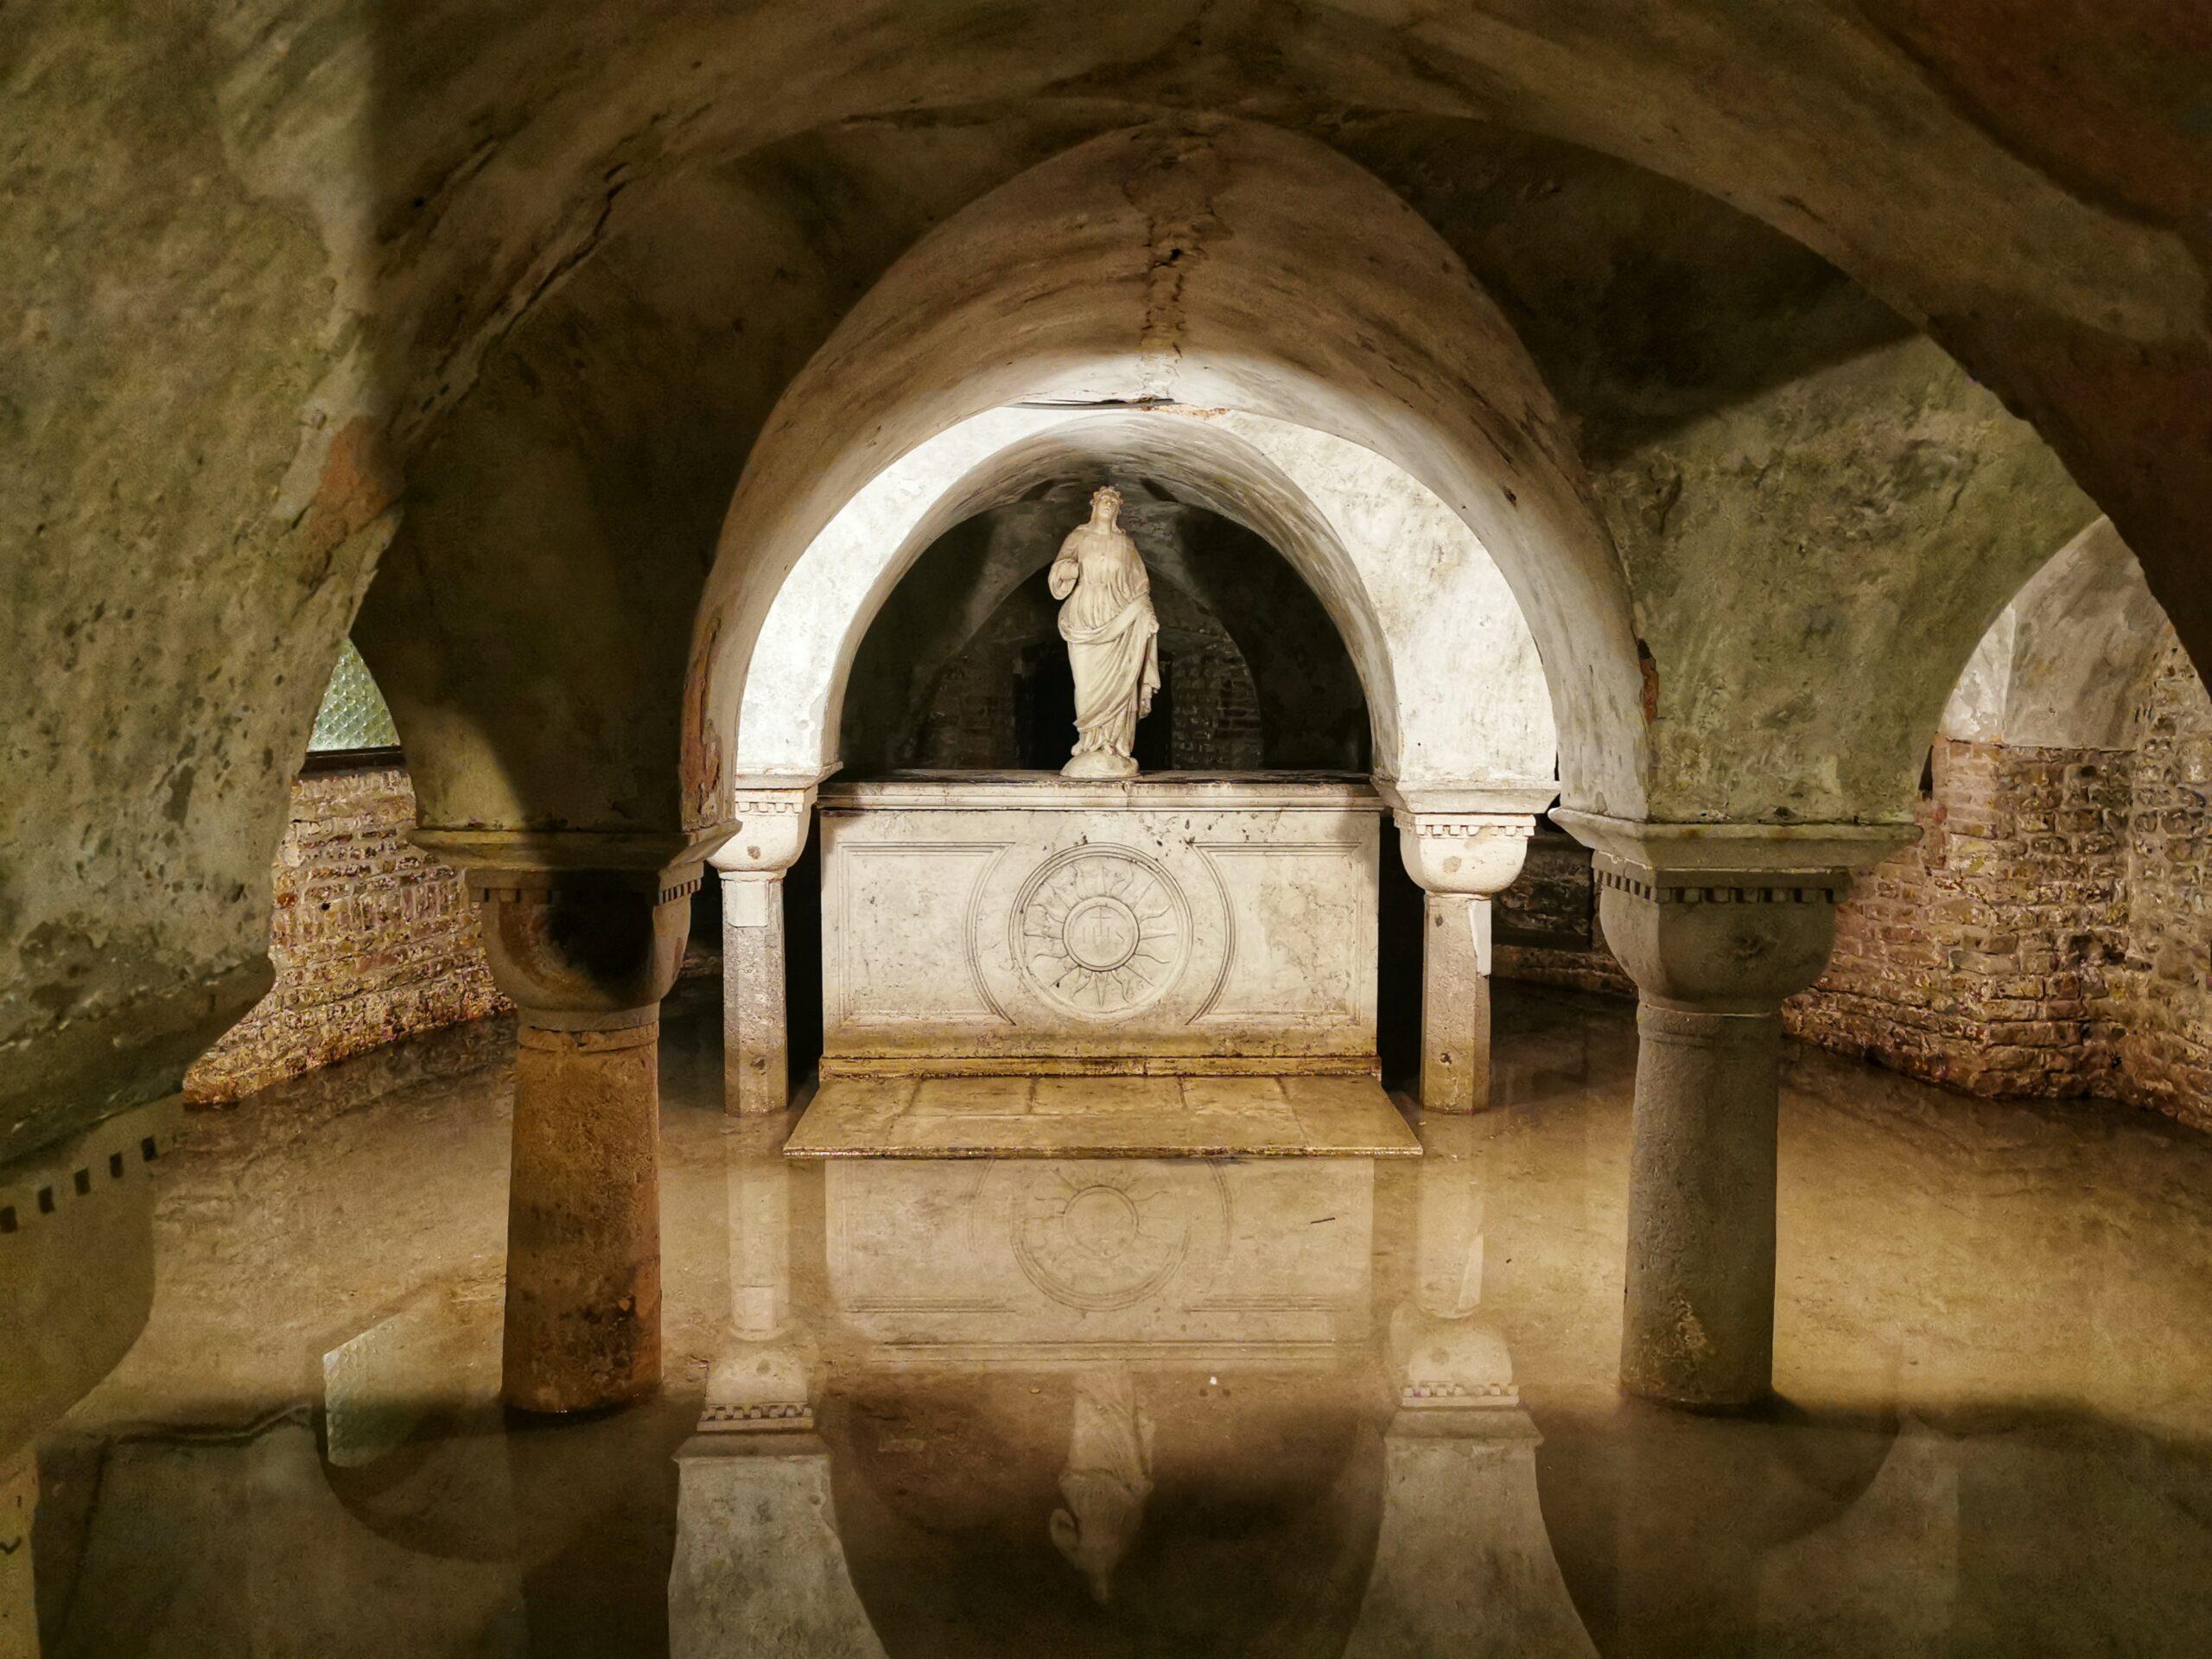 Venezia segreta: 5 luoghi insoliti cripta allagata